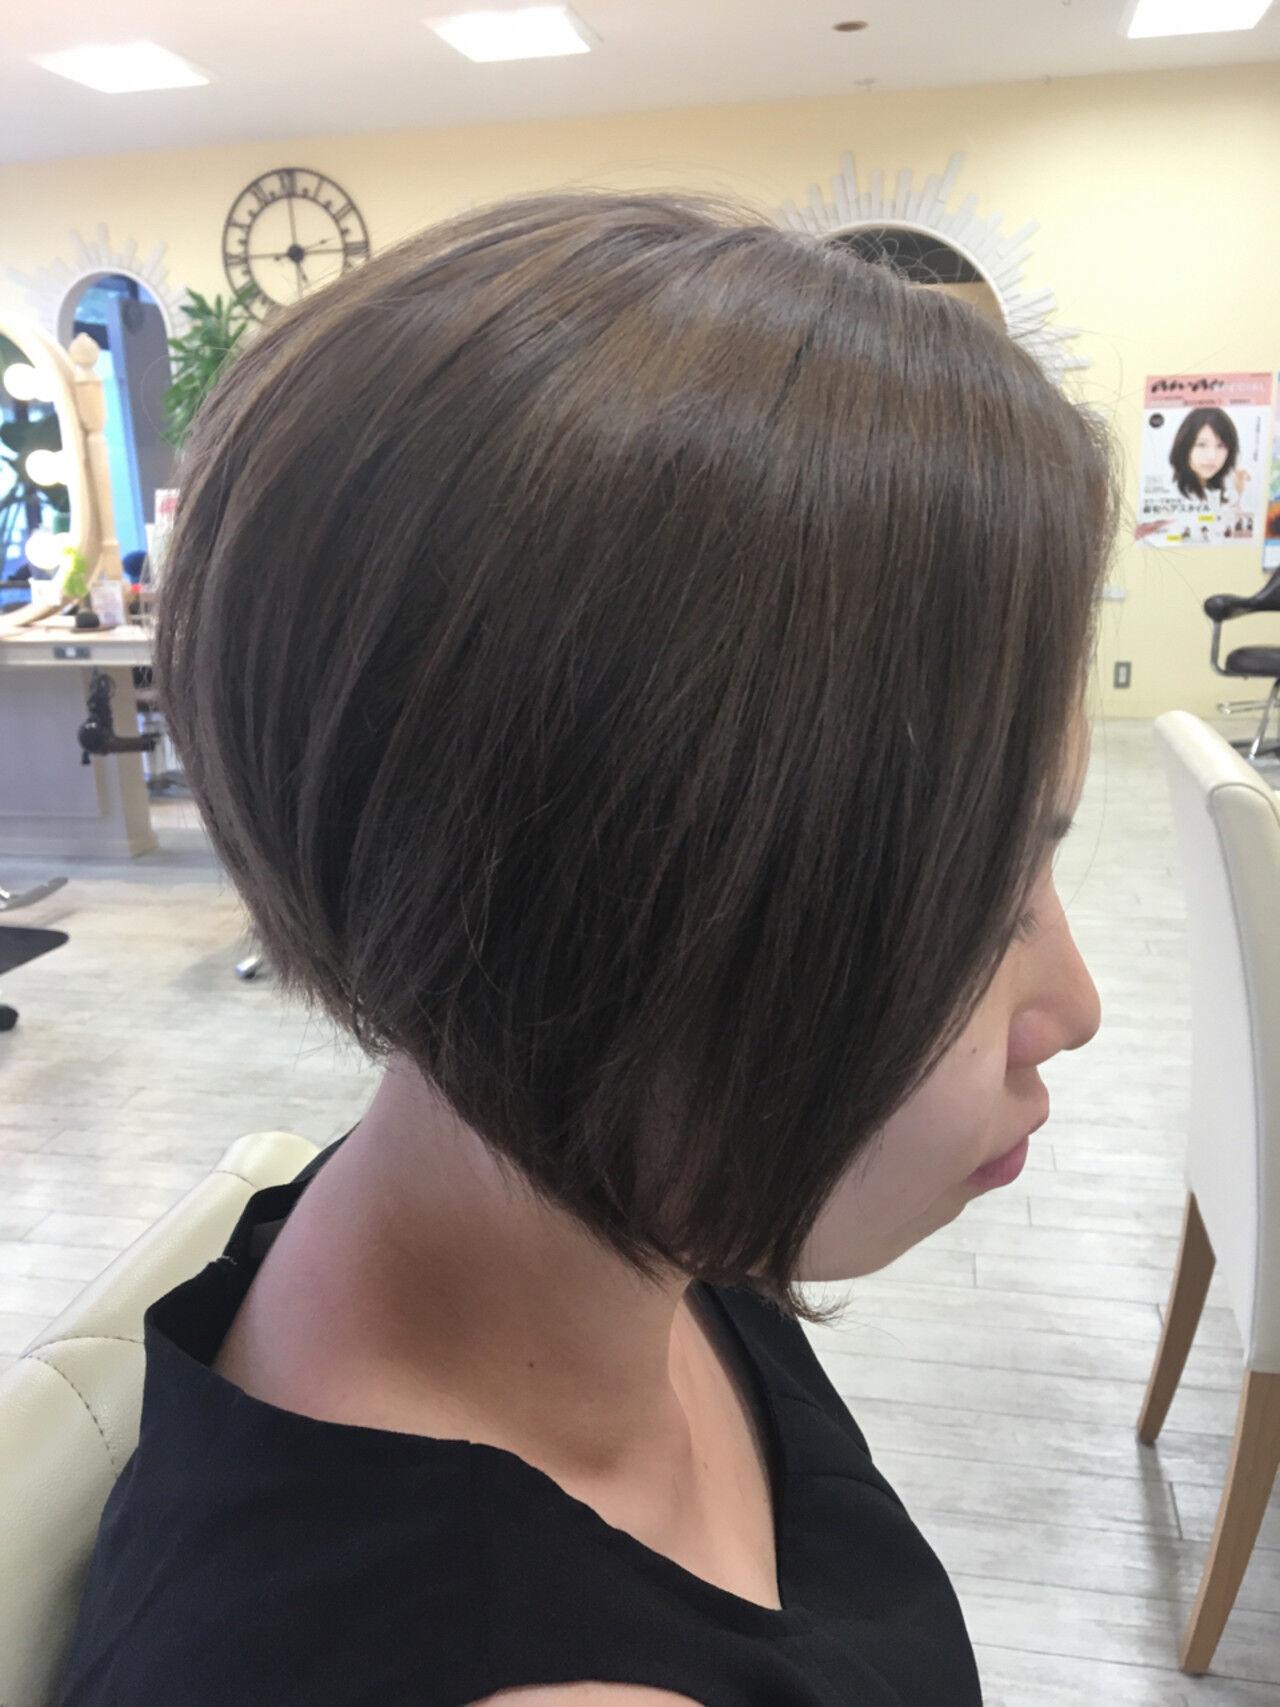 ボブ 外国人風 グレージュ 前下がりヘアスタイルや髪型の写真・画像